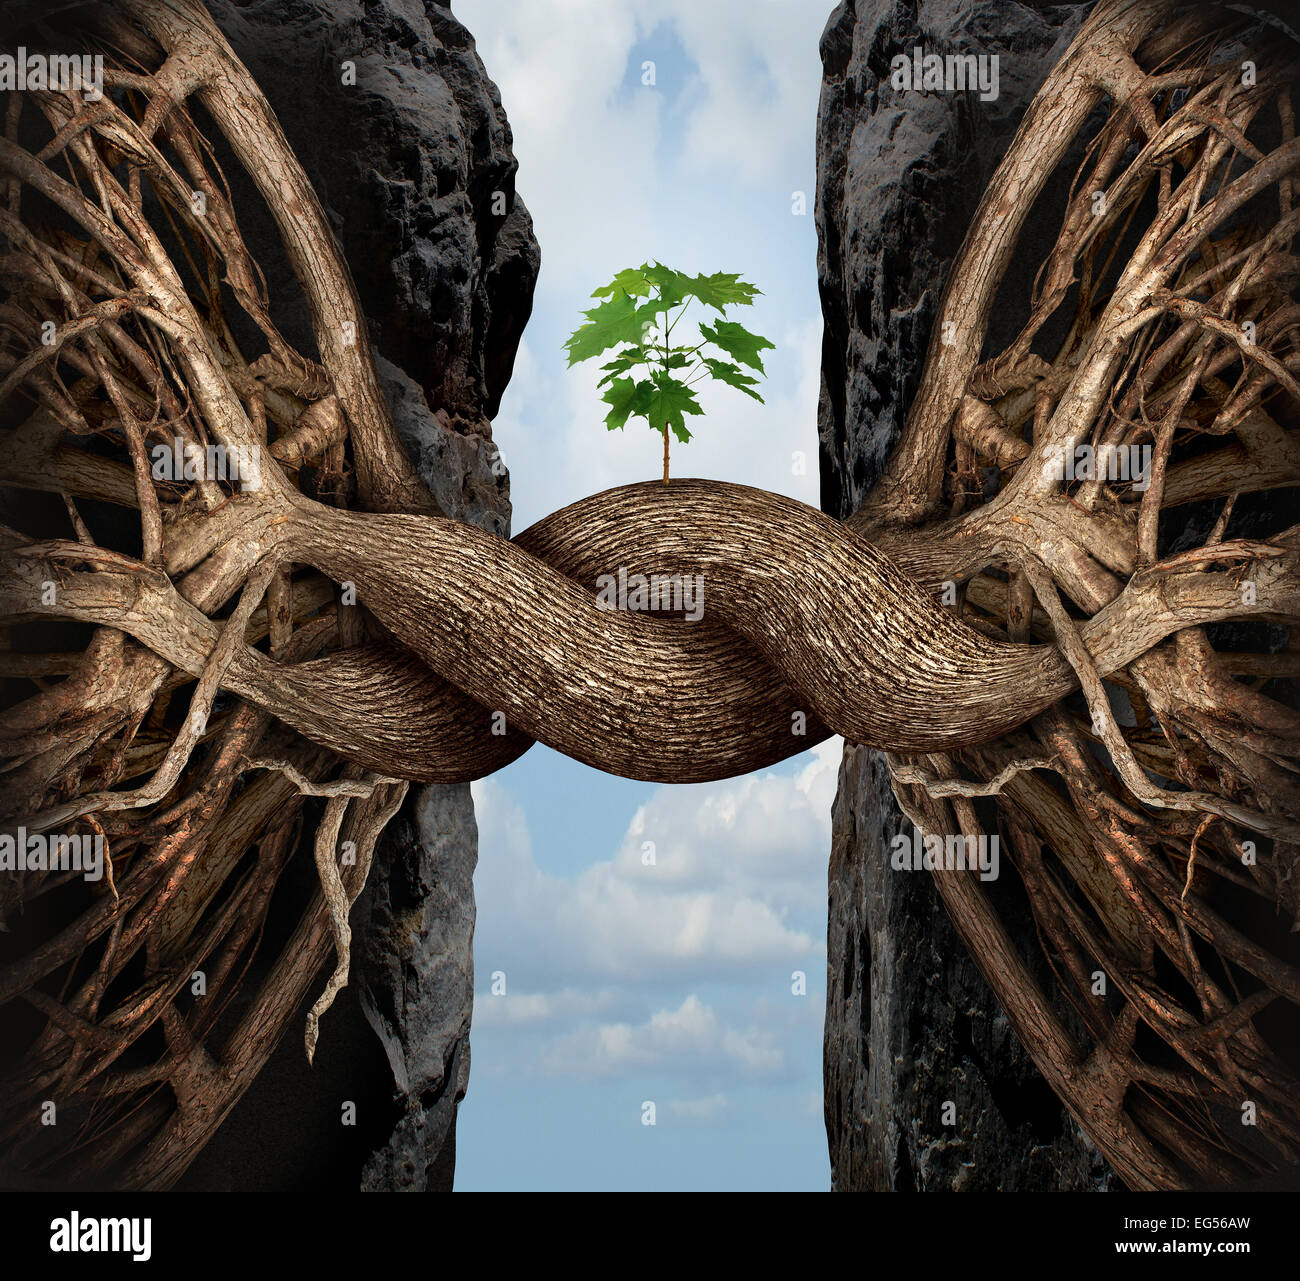 Unidad concepto de crecimiento y reducir la brecha empresarial como símbolo dos raíces de árbol sobre Imagen De Stock